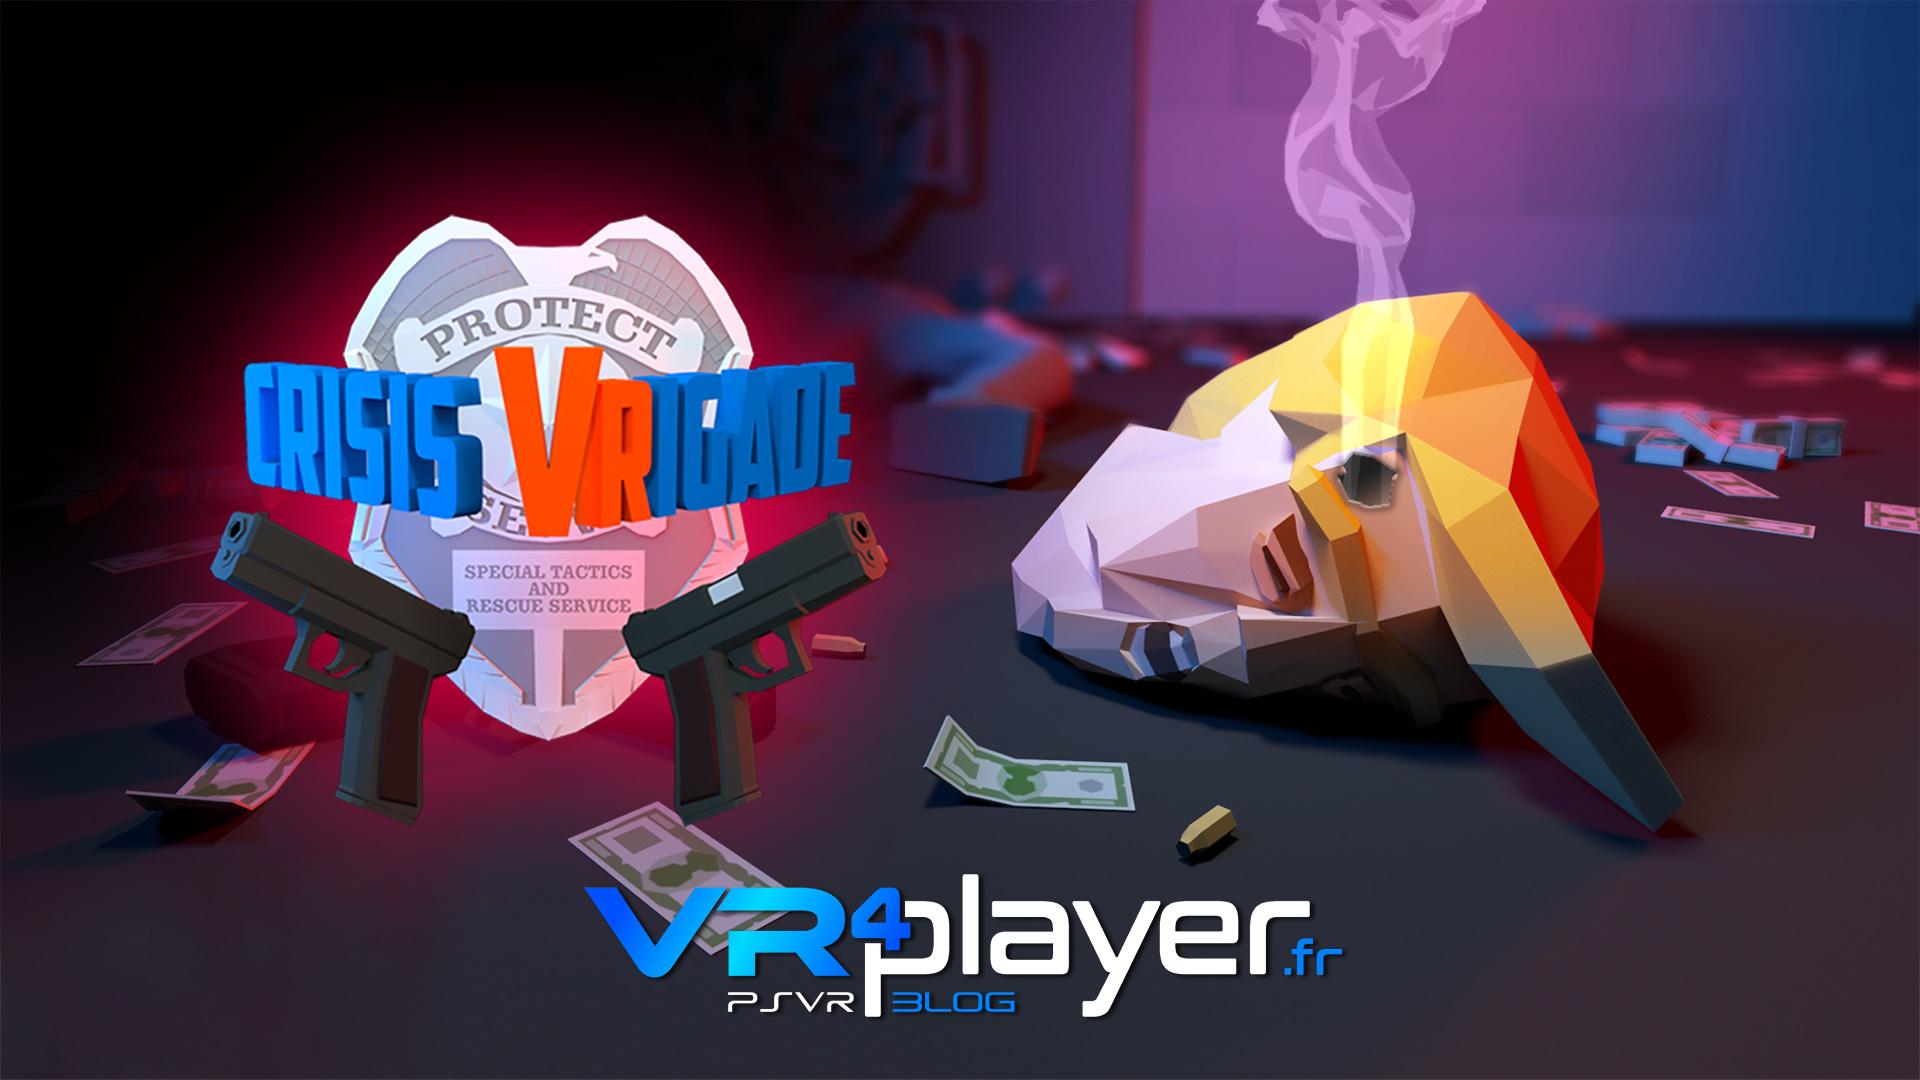 crisis vrigade sur psvr vr4player.fr